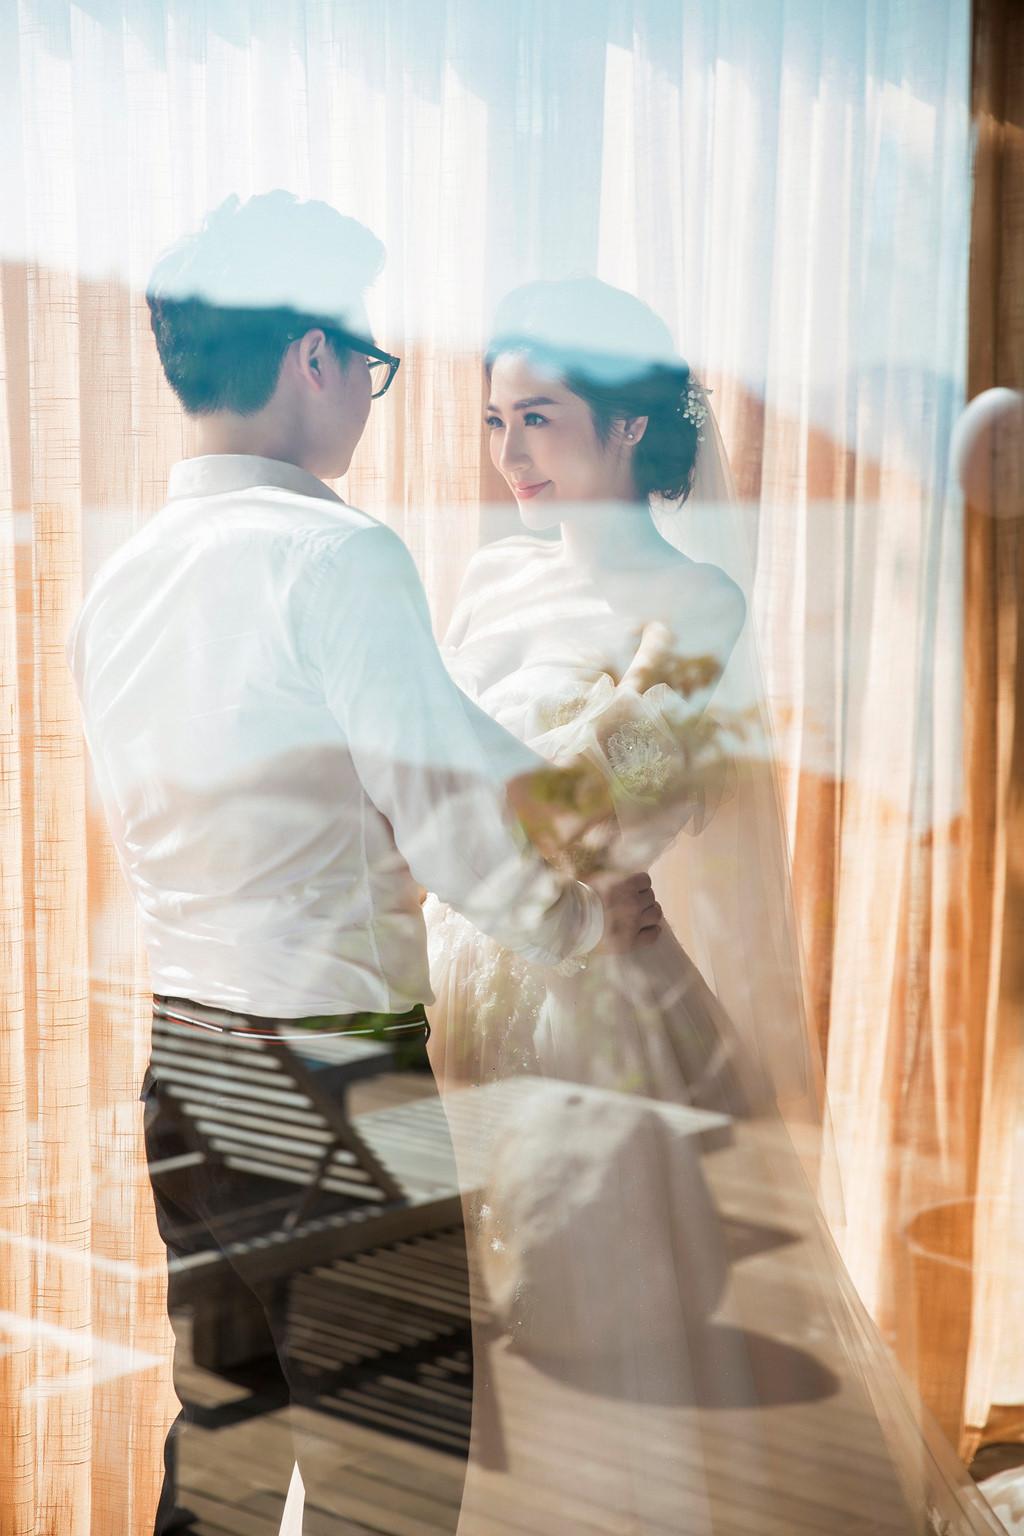 Á hậu Tú Anh gợi cảm trong ảnh cưới với chồng 9X